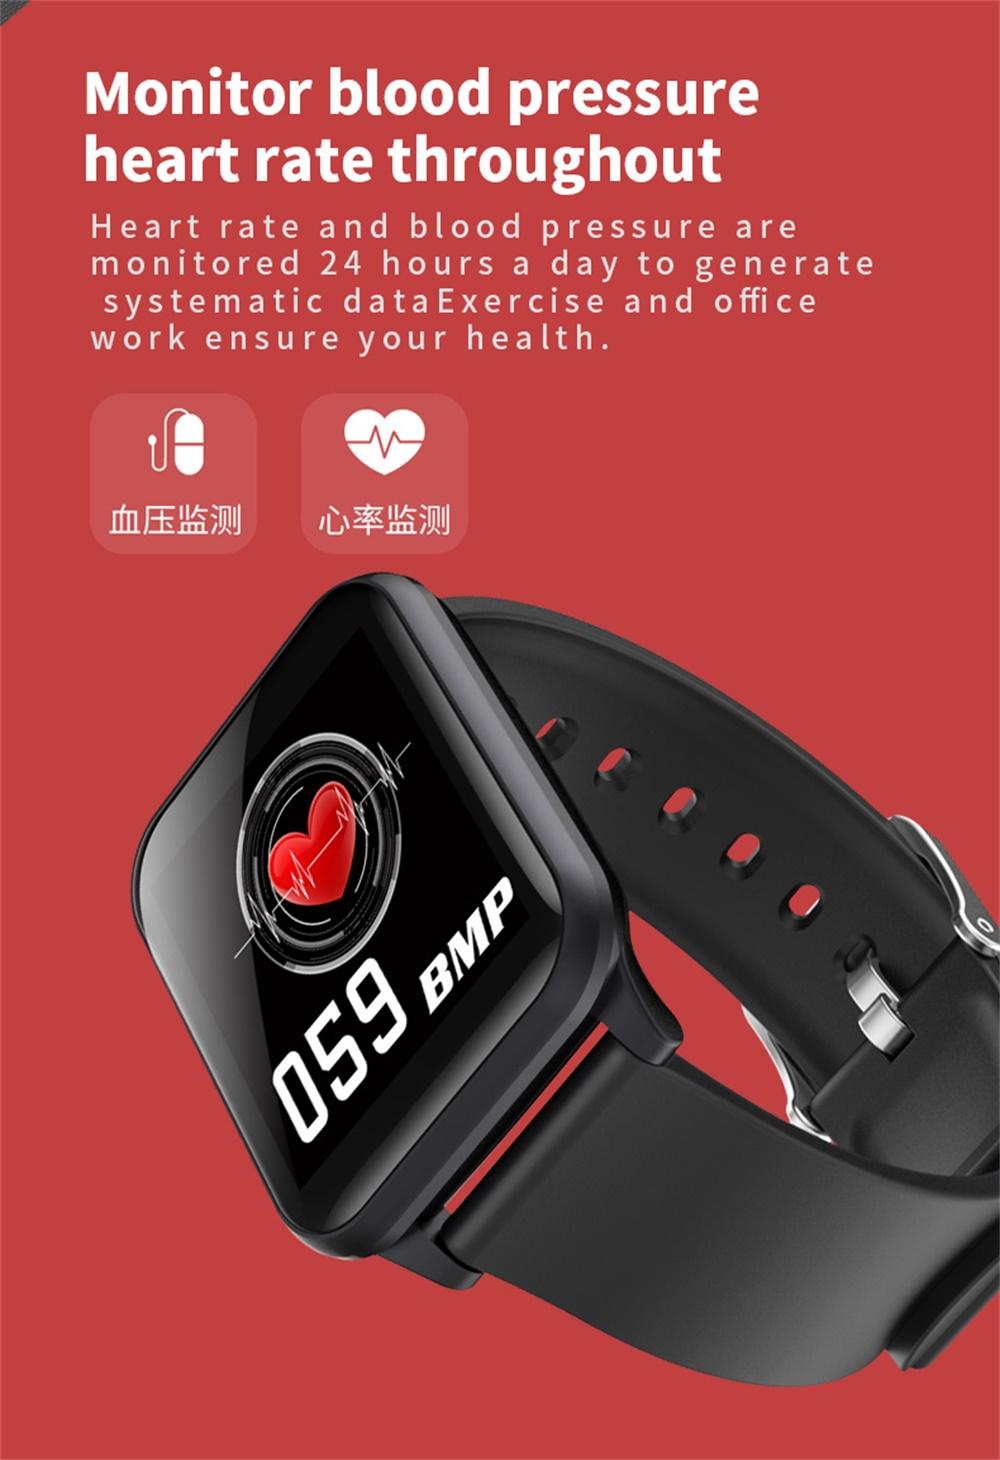 z02 sports watch